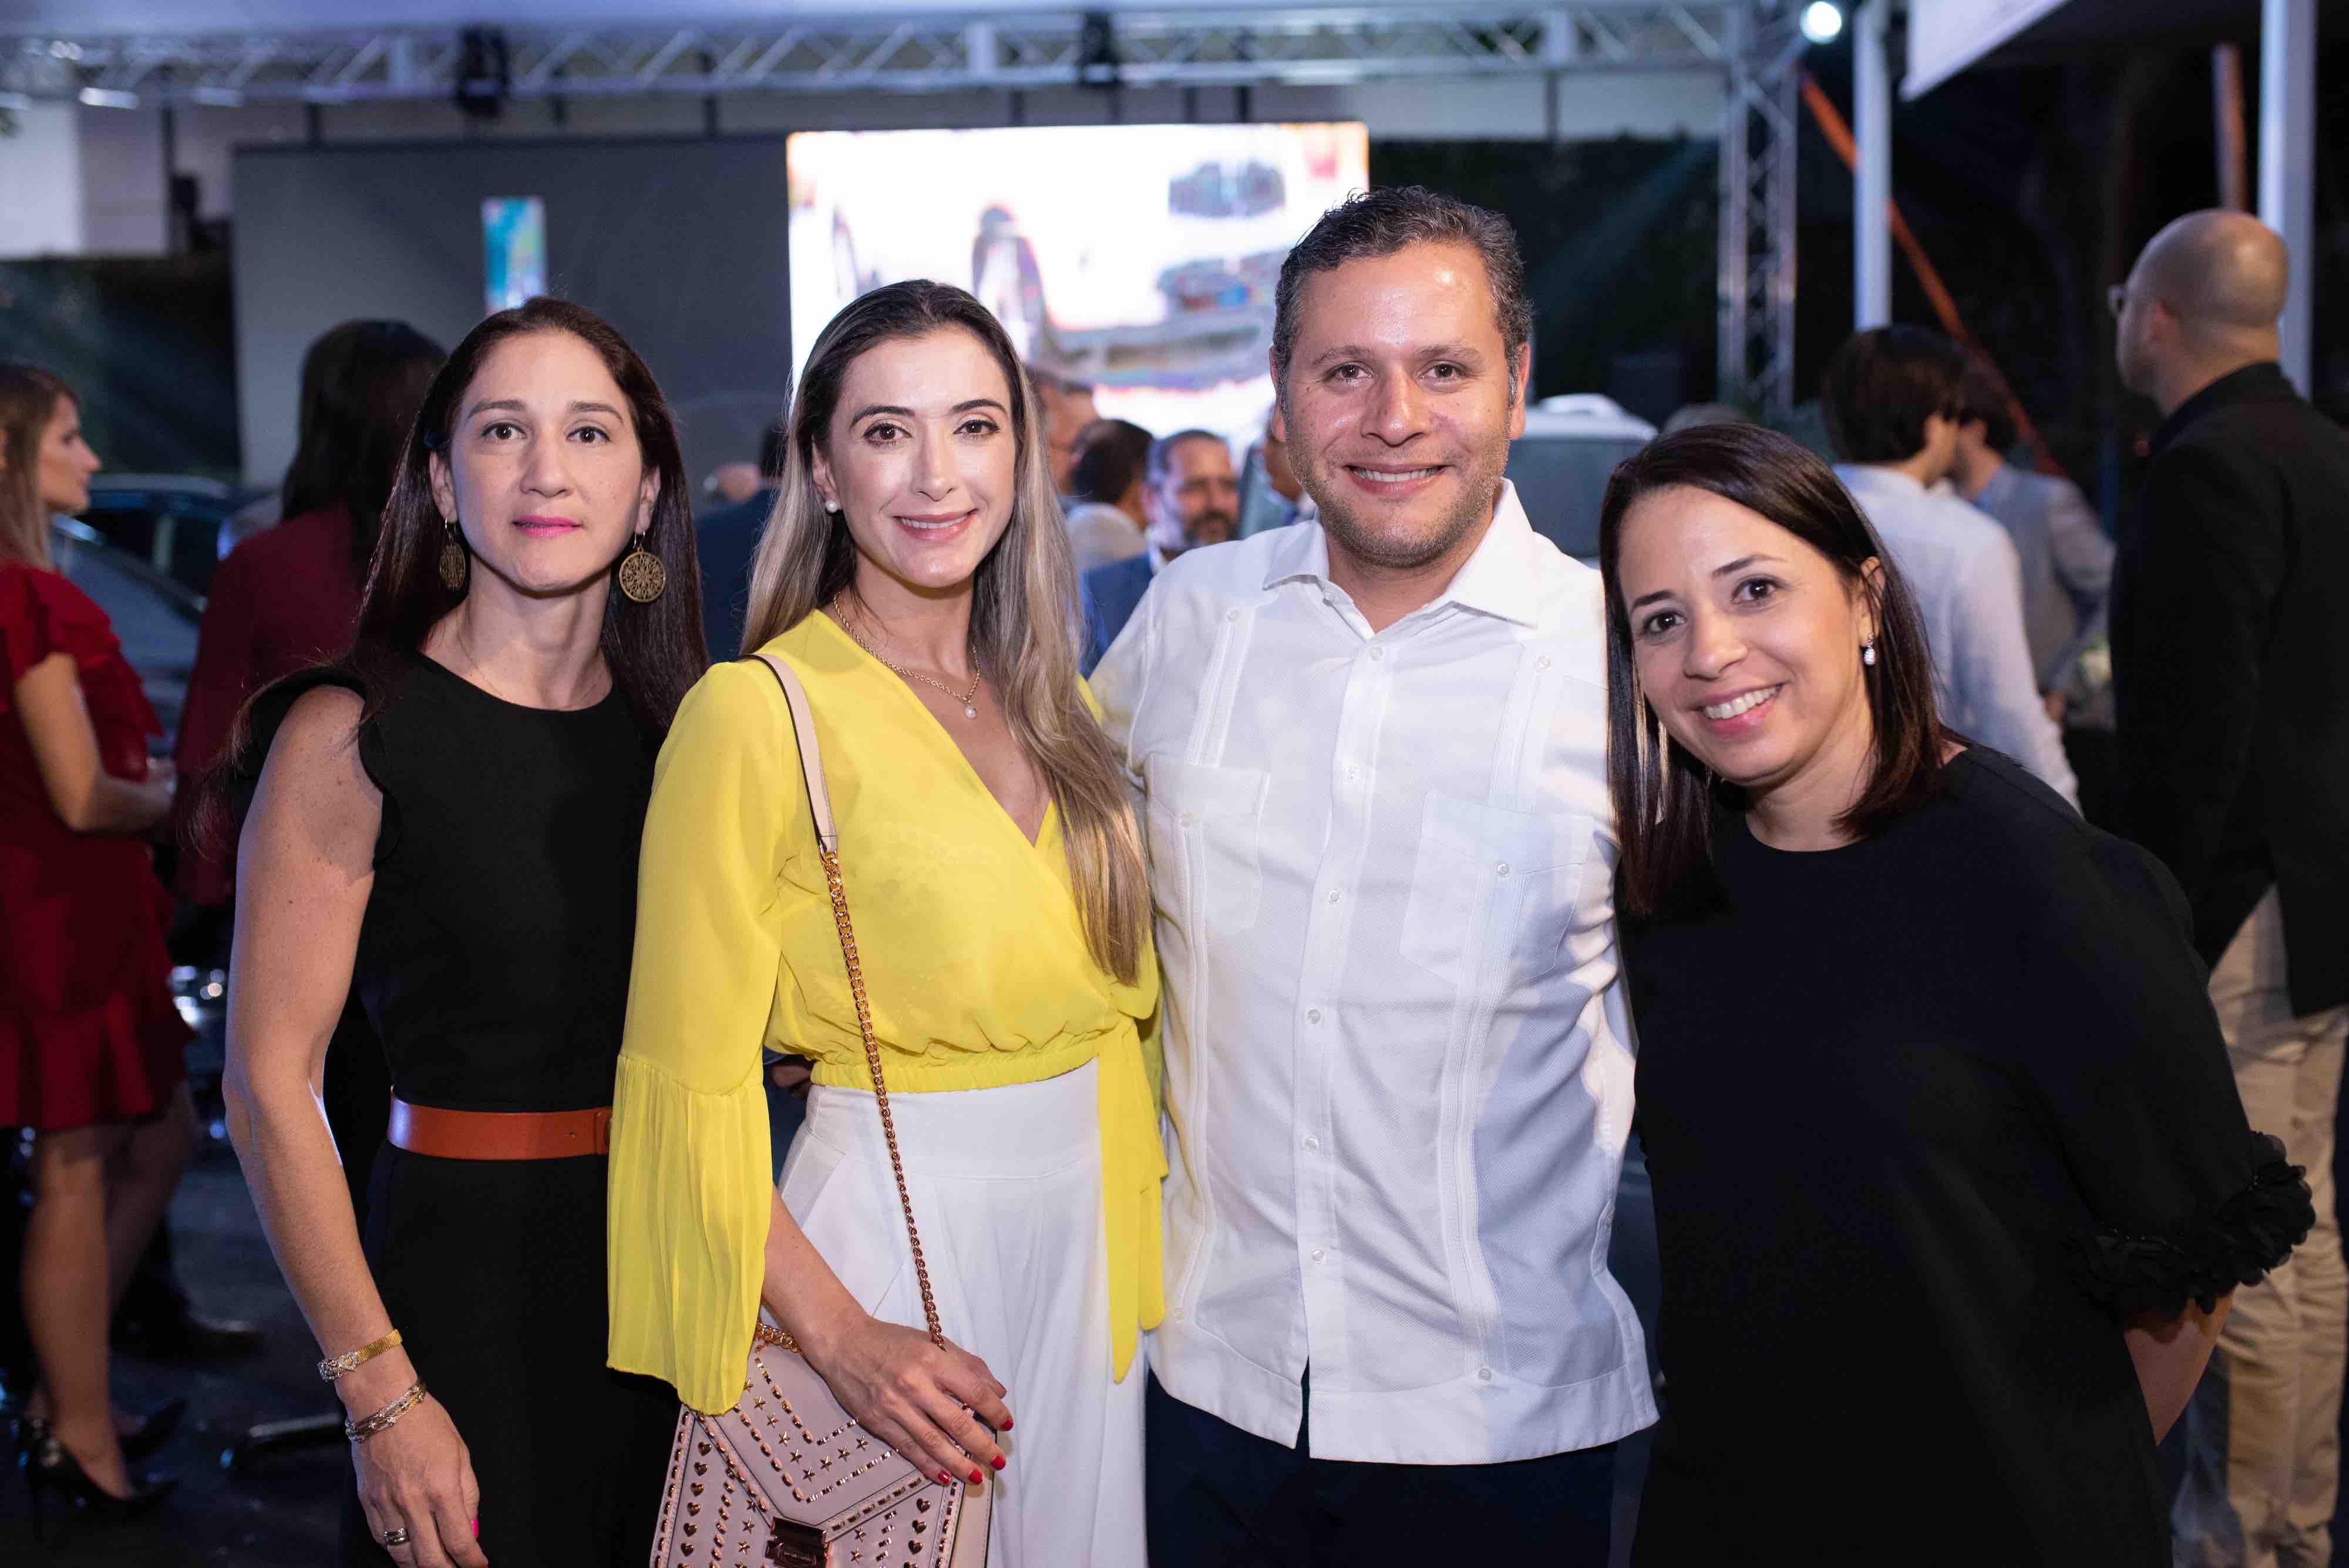 6. Carla Candelario, Michelle Goulart, Dr. Julio Sicard y Lourdes Blanco